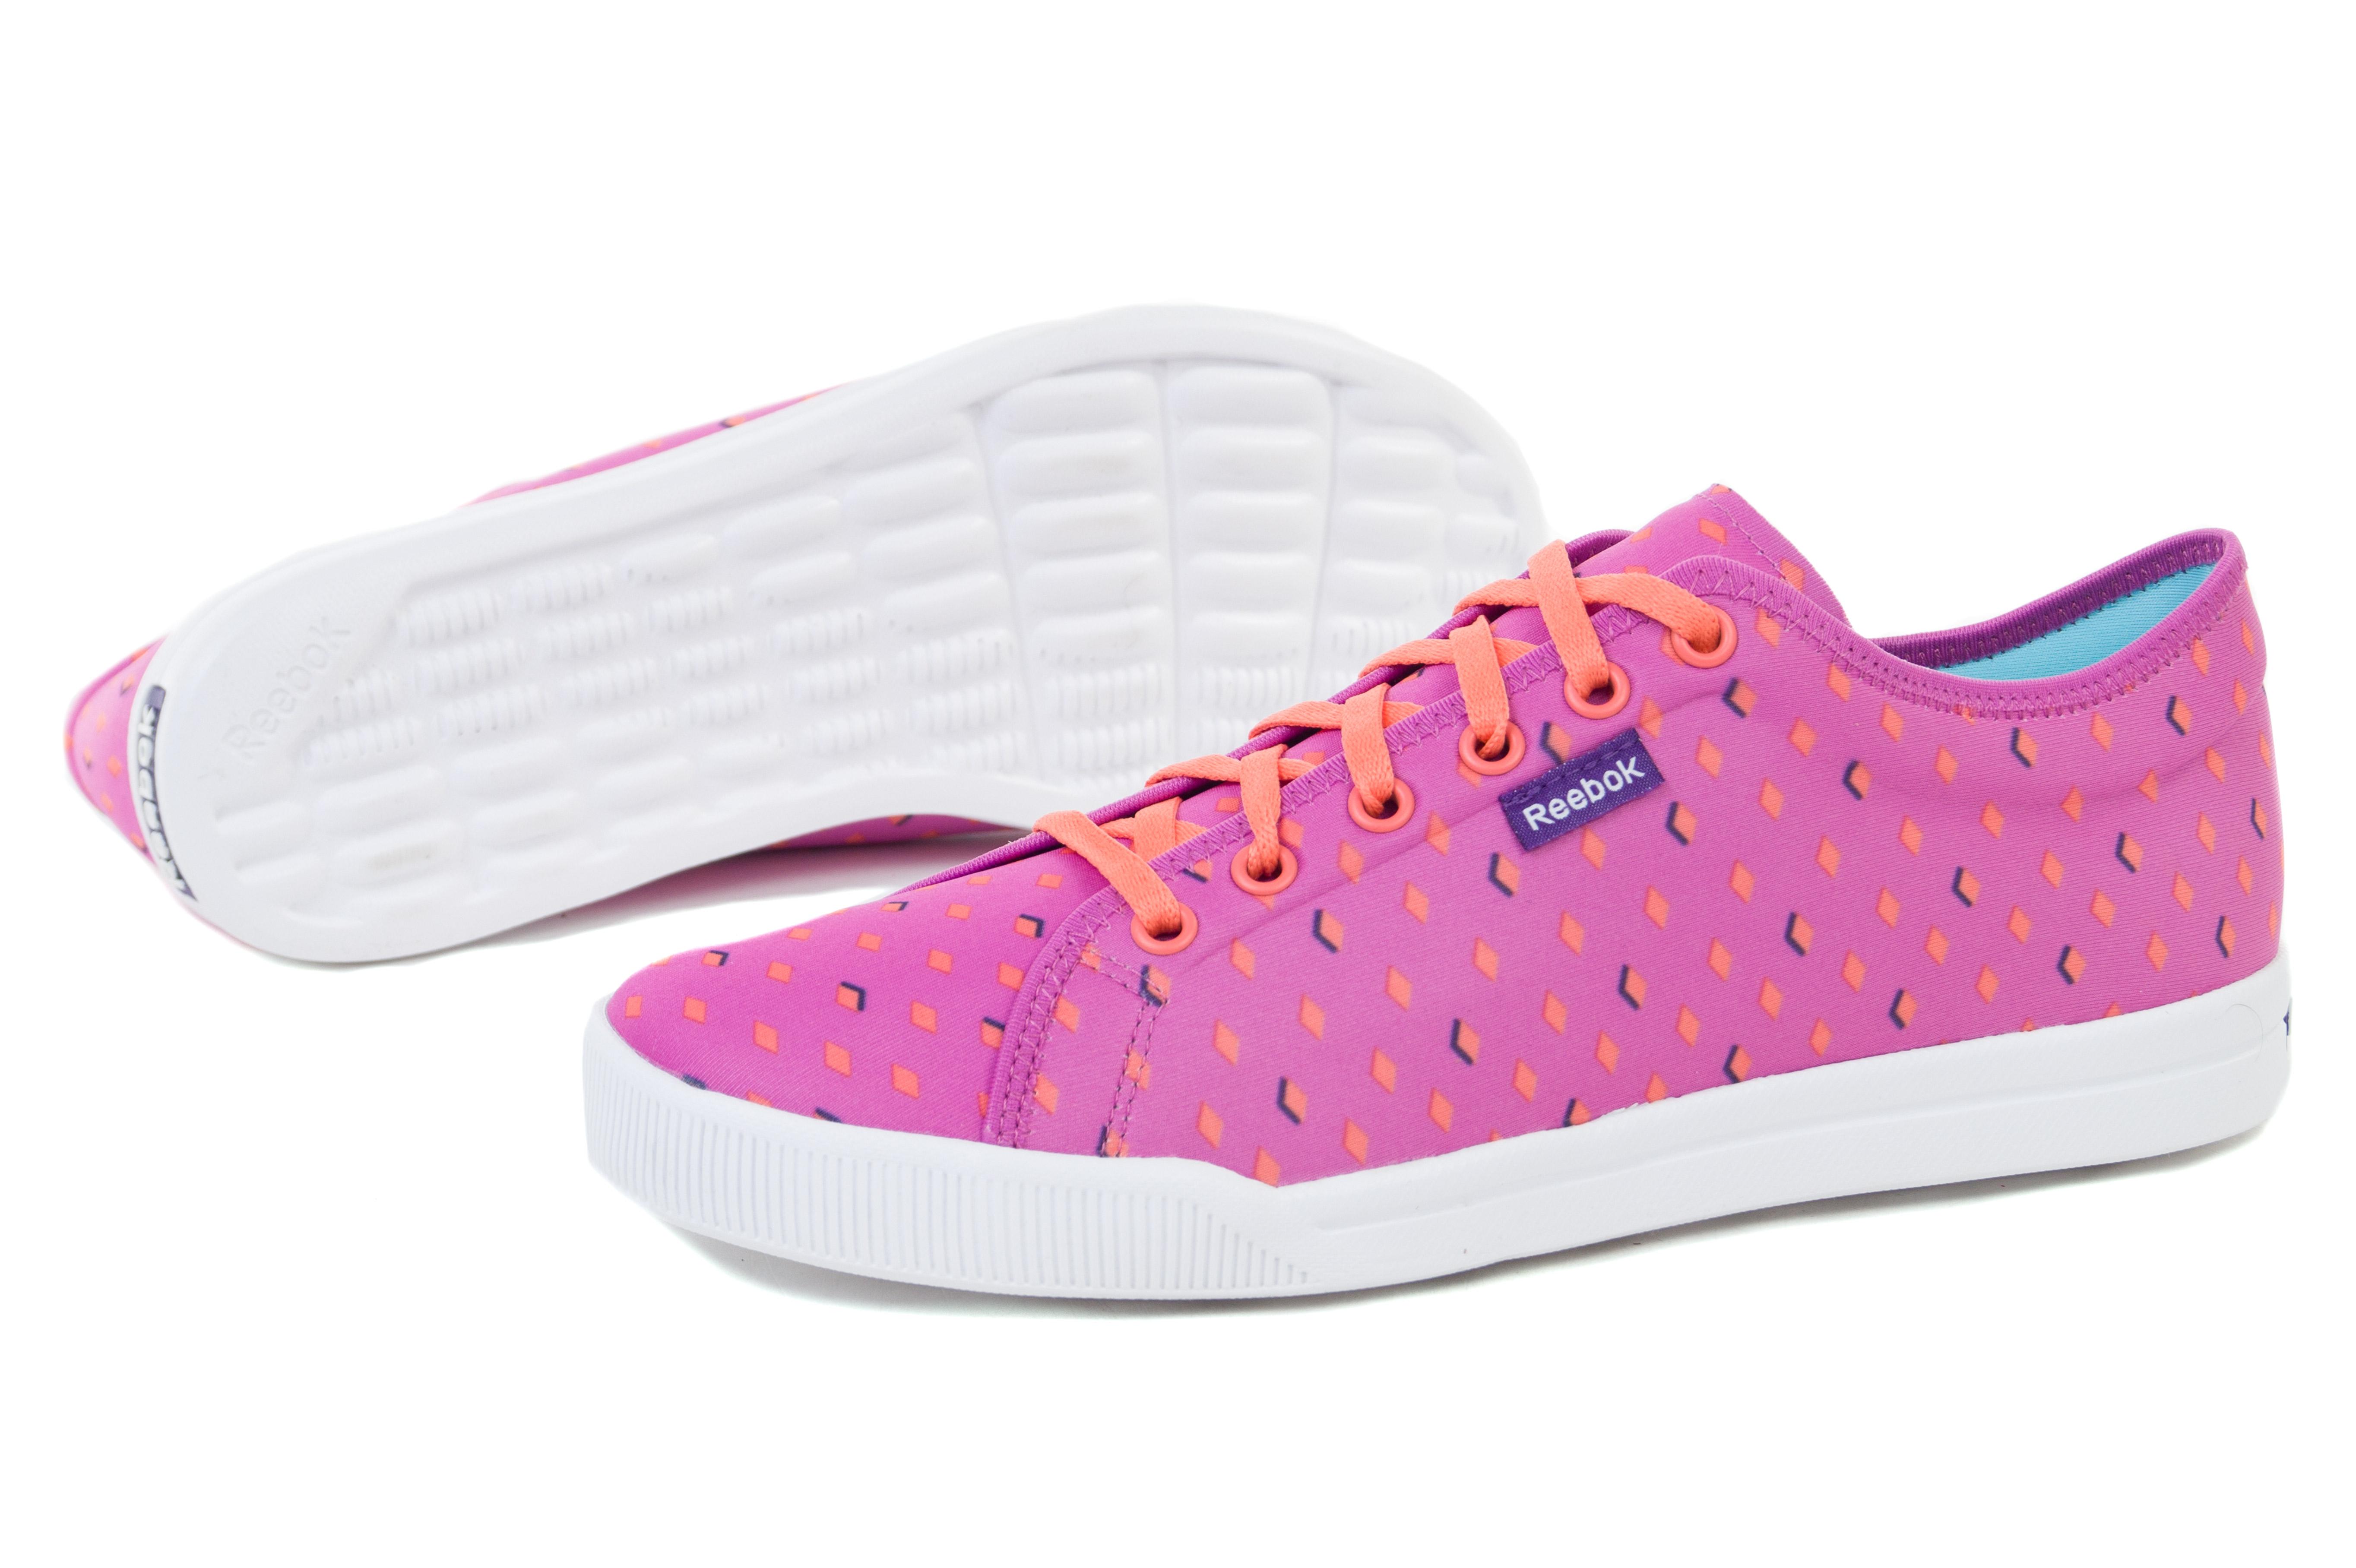 נעליים ריבוק לנשים Reebok Skyscape Runaround 2.0 - ורוד בהיר